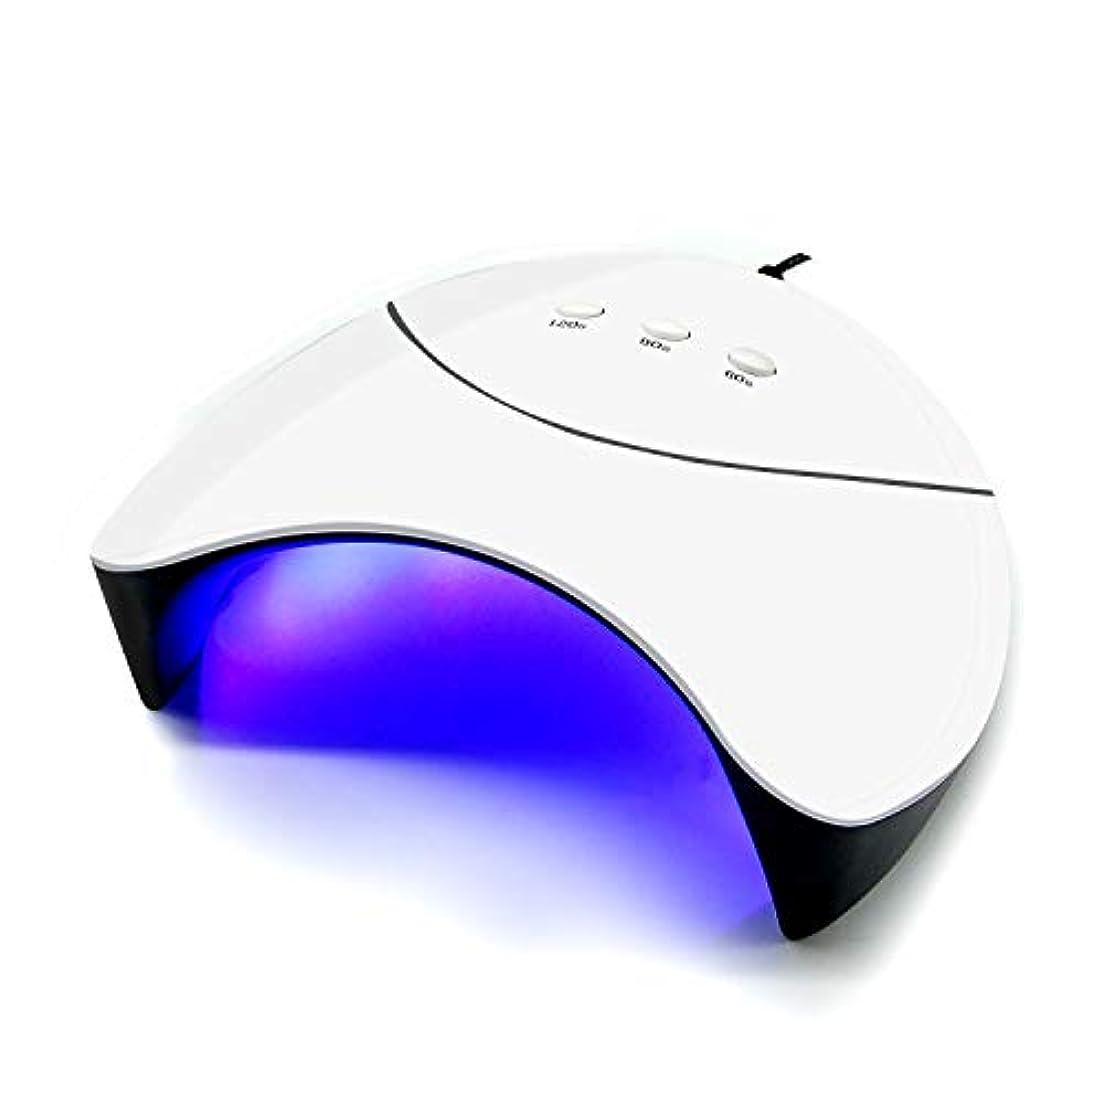 耐えられない構成員賠償IDAODAN ネイルライト ネイルドライヤー 硬化用UVライト 自動センサー 36W 3段階タイマー付き 赤外線検知(ホワイト)